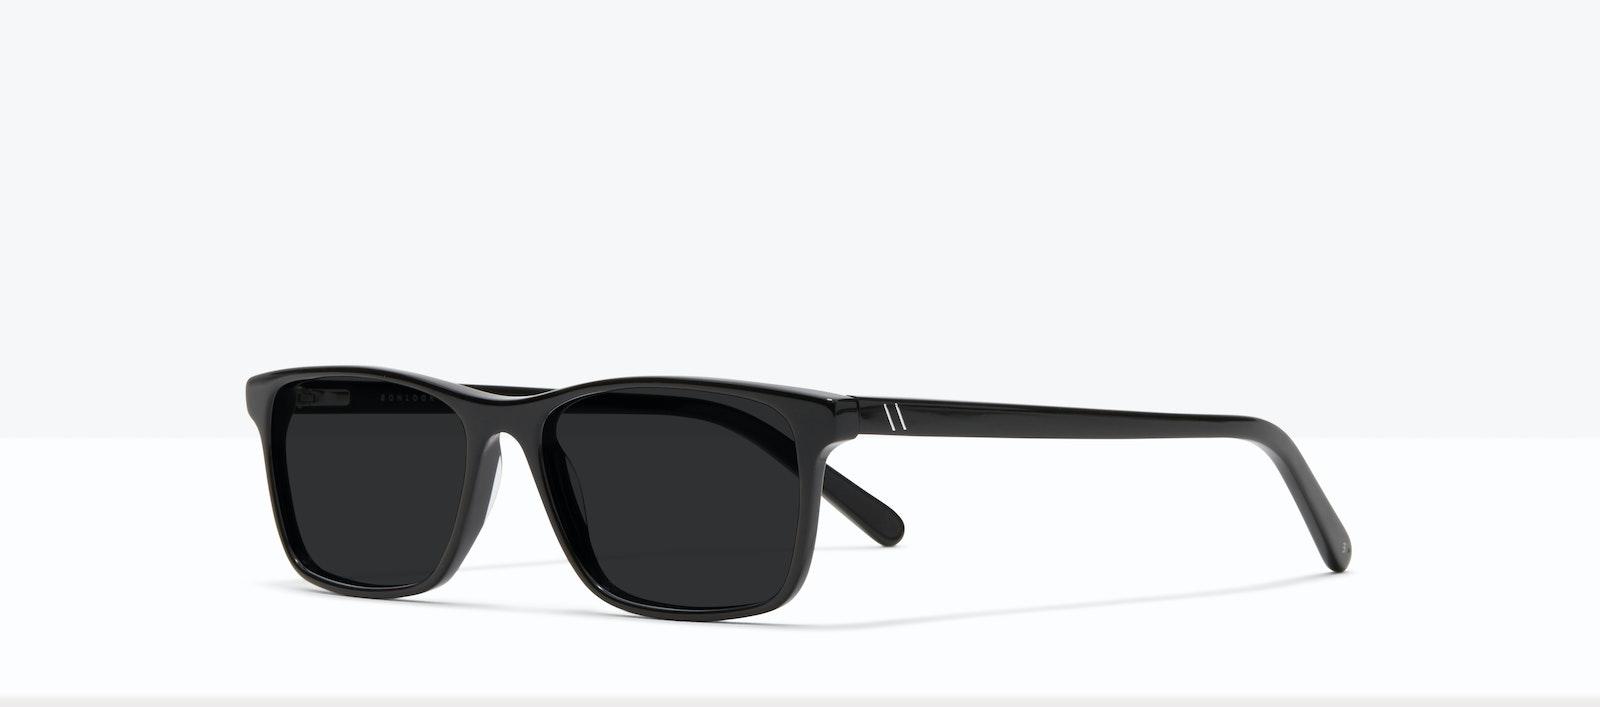 Affordable Fashion Glasses Rectangle Sunglasses Men Henri XL Black Tilt